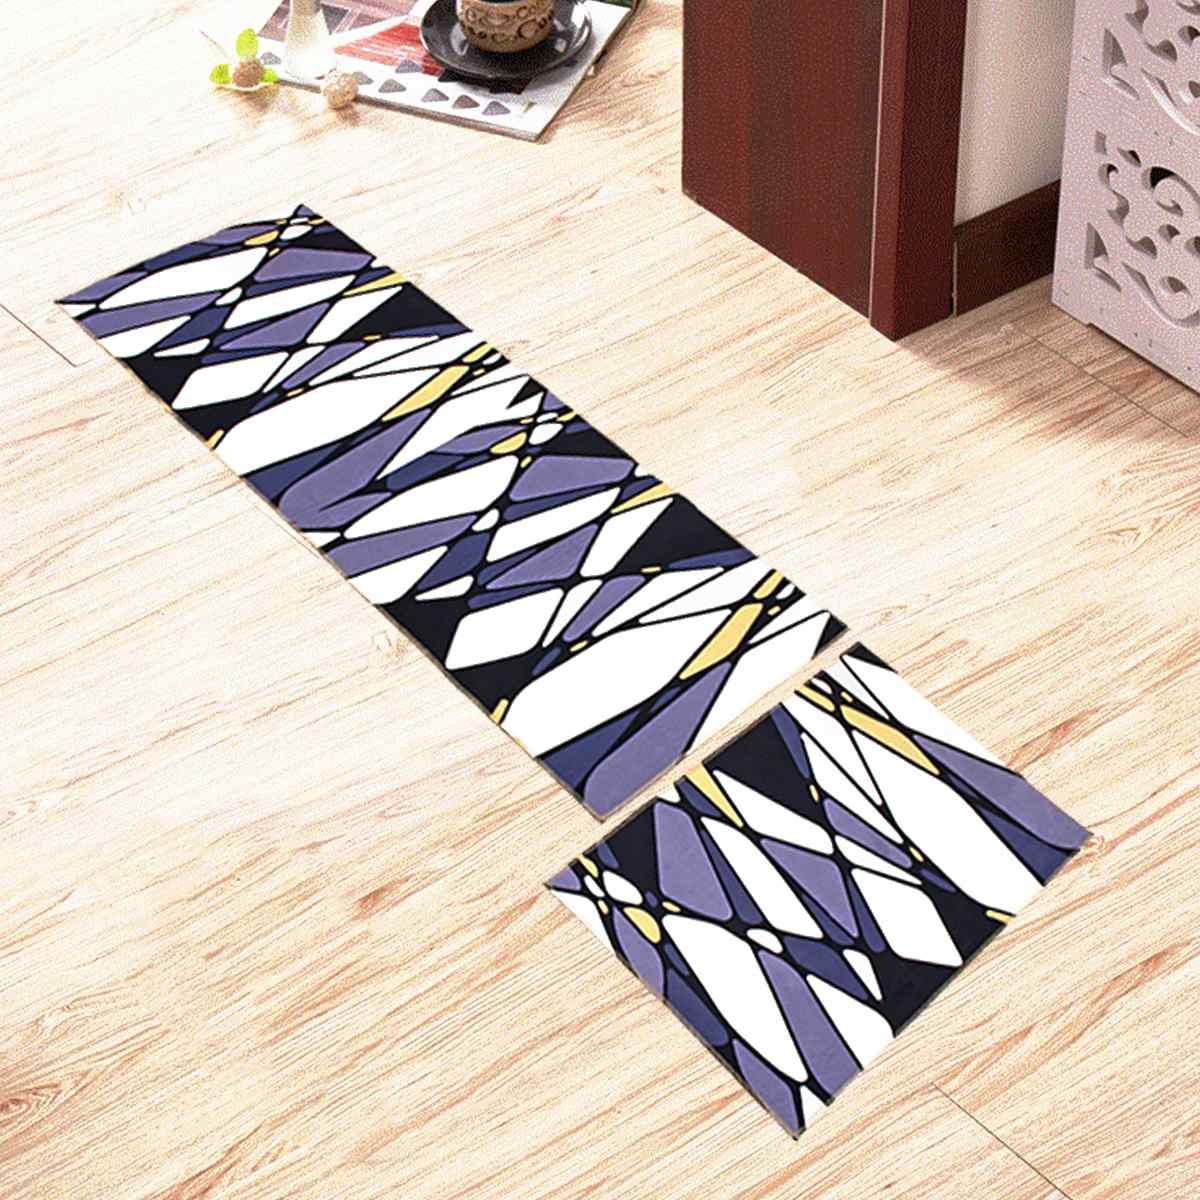 2 pièces tapis de sol de cuisine zone antidérapante tapis salle de bain porte tapis ensemble 17 modèles chambre salle de bains tapis tapis antidérapant porte tapis maison